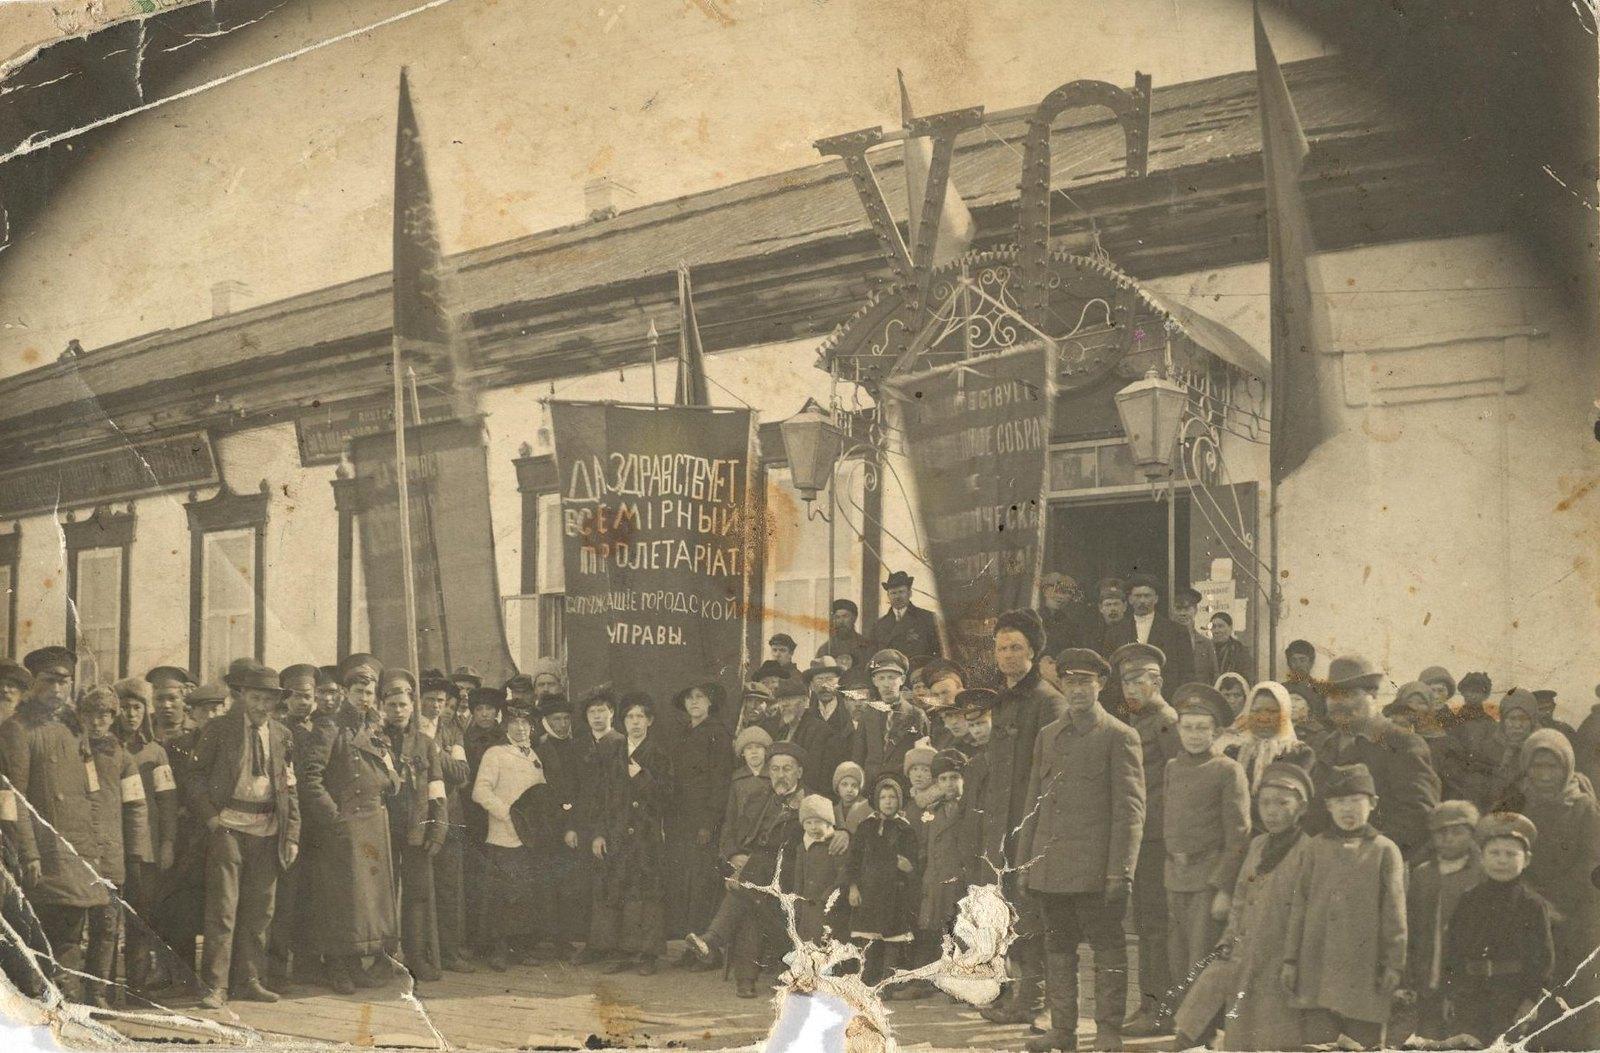 Митинг перед зданием городской управы по поводу созыва Учредительного собрания